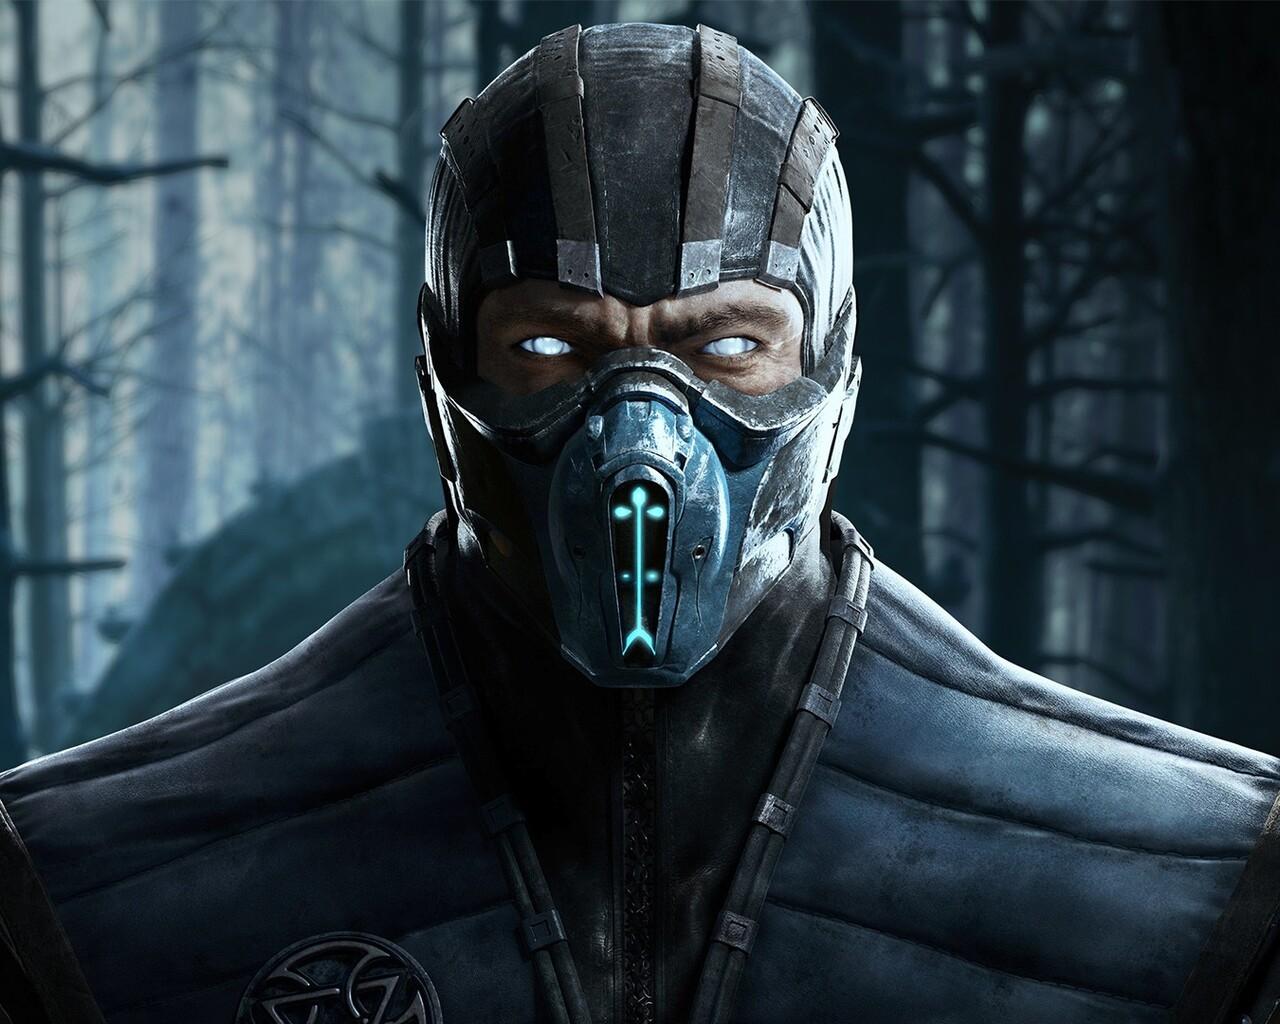 1280x1024 Mortal Kombat X Sub Zero 1280x1024 Resolution HD